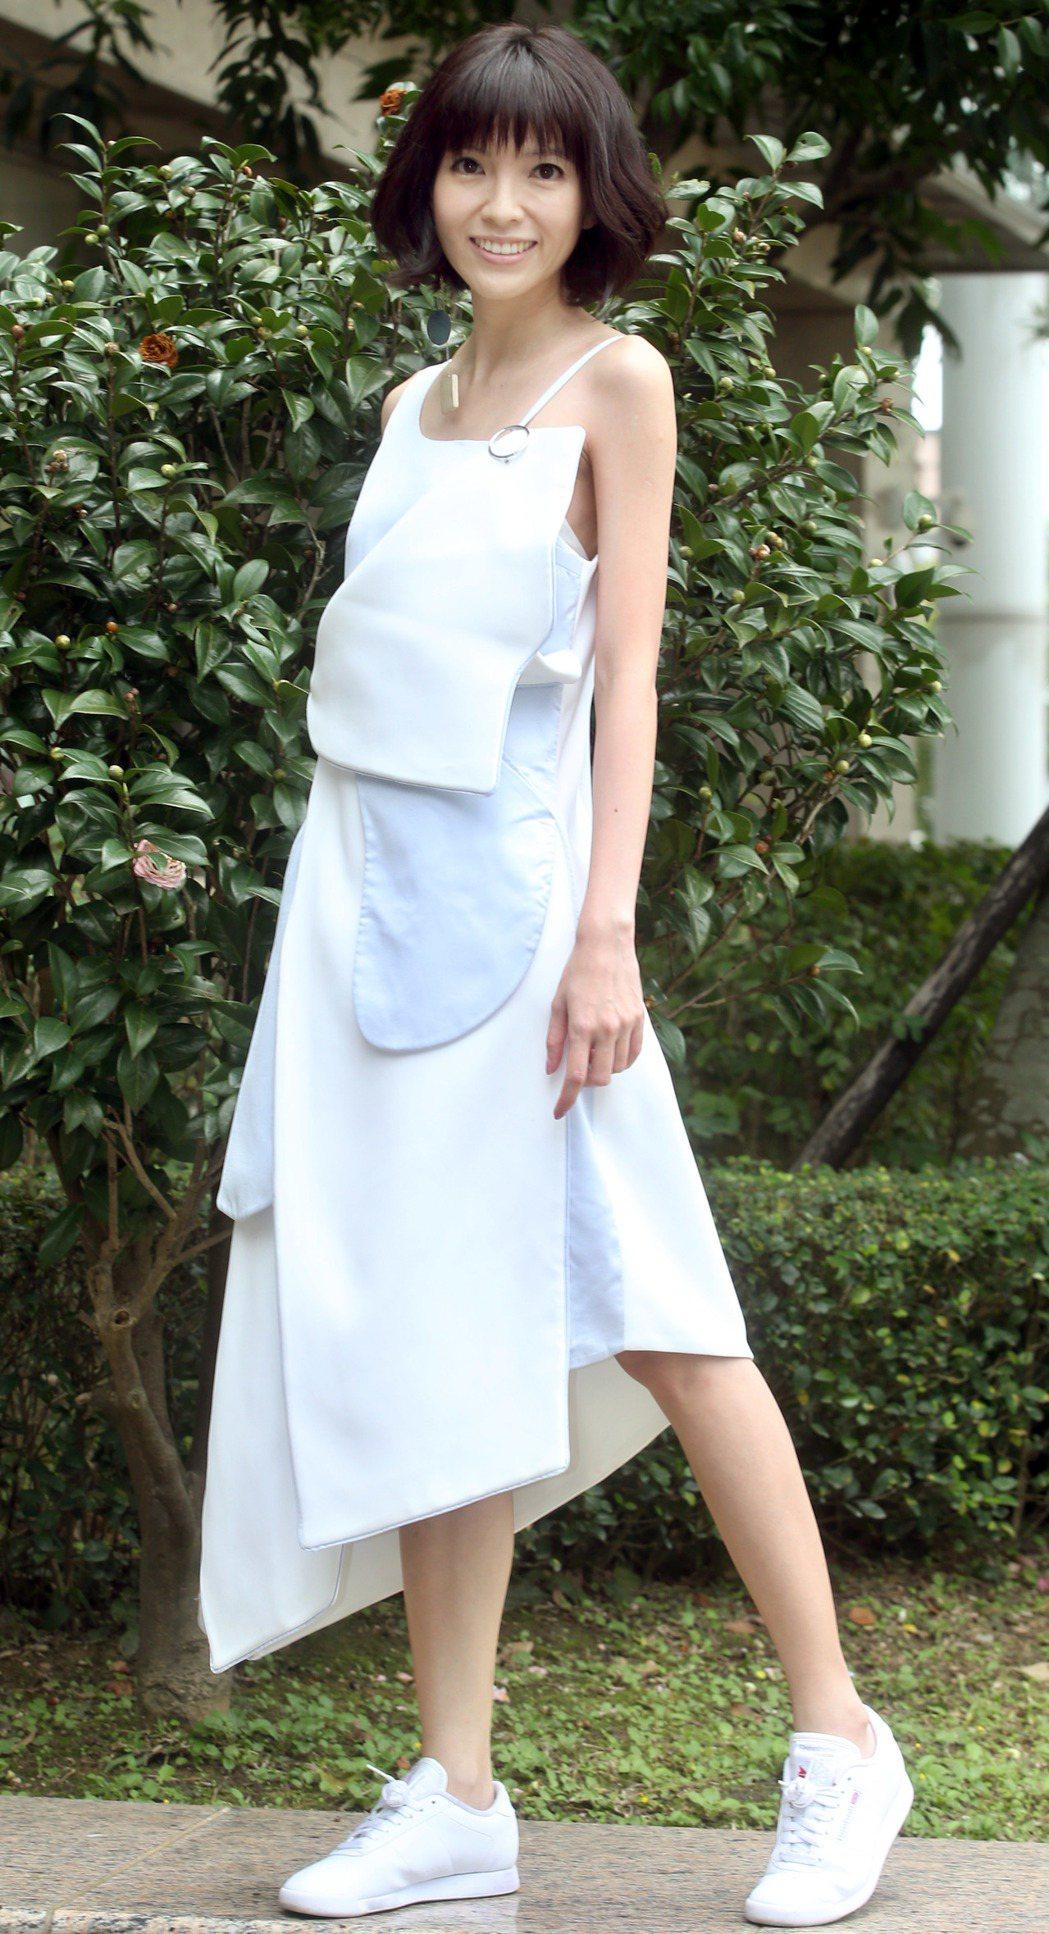 郭美美專訪談及近6年甘苦。記者屠惠剛/攝影